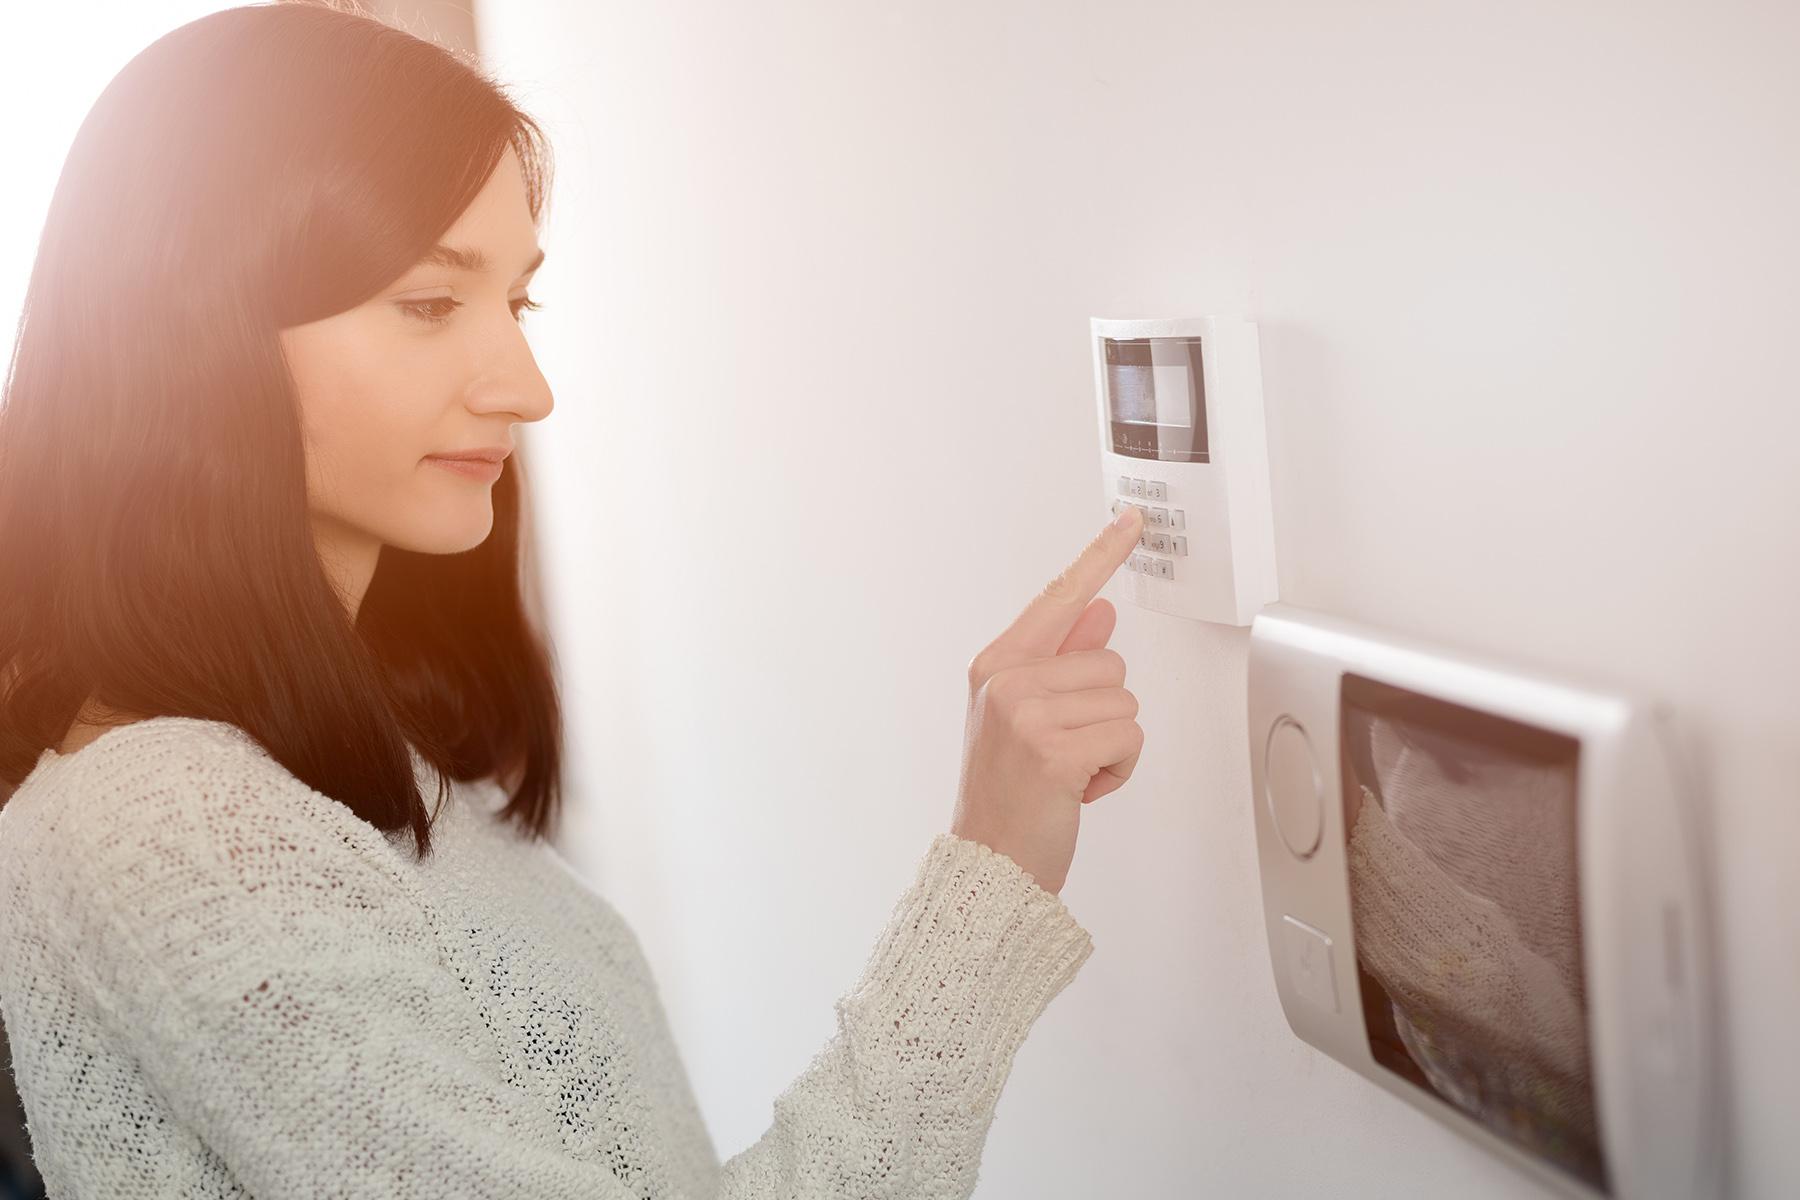 Home alarm system in Austria